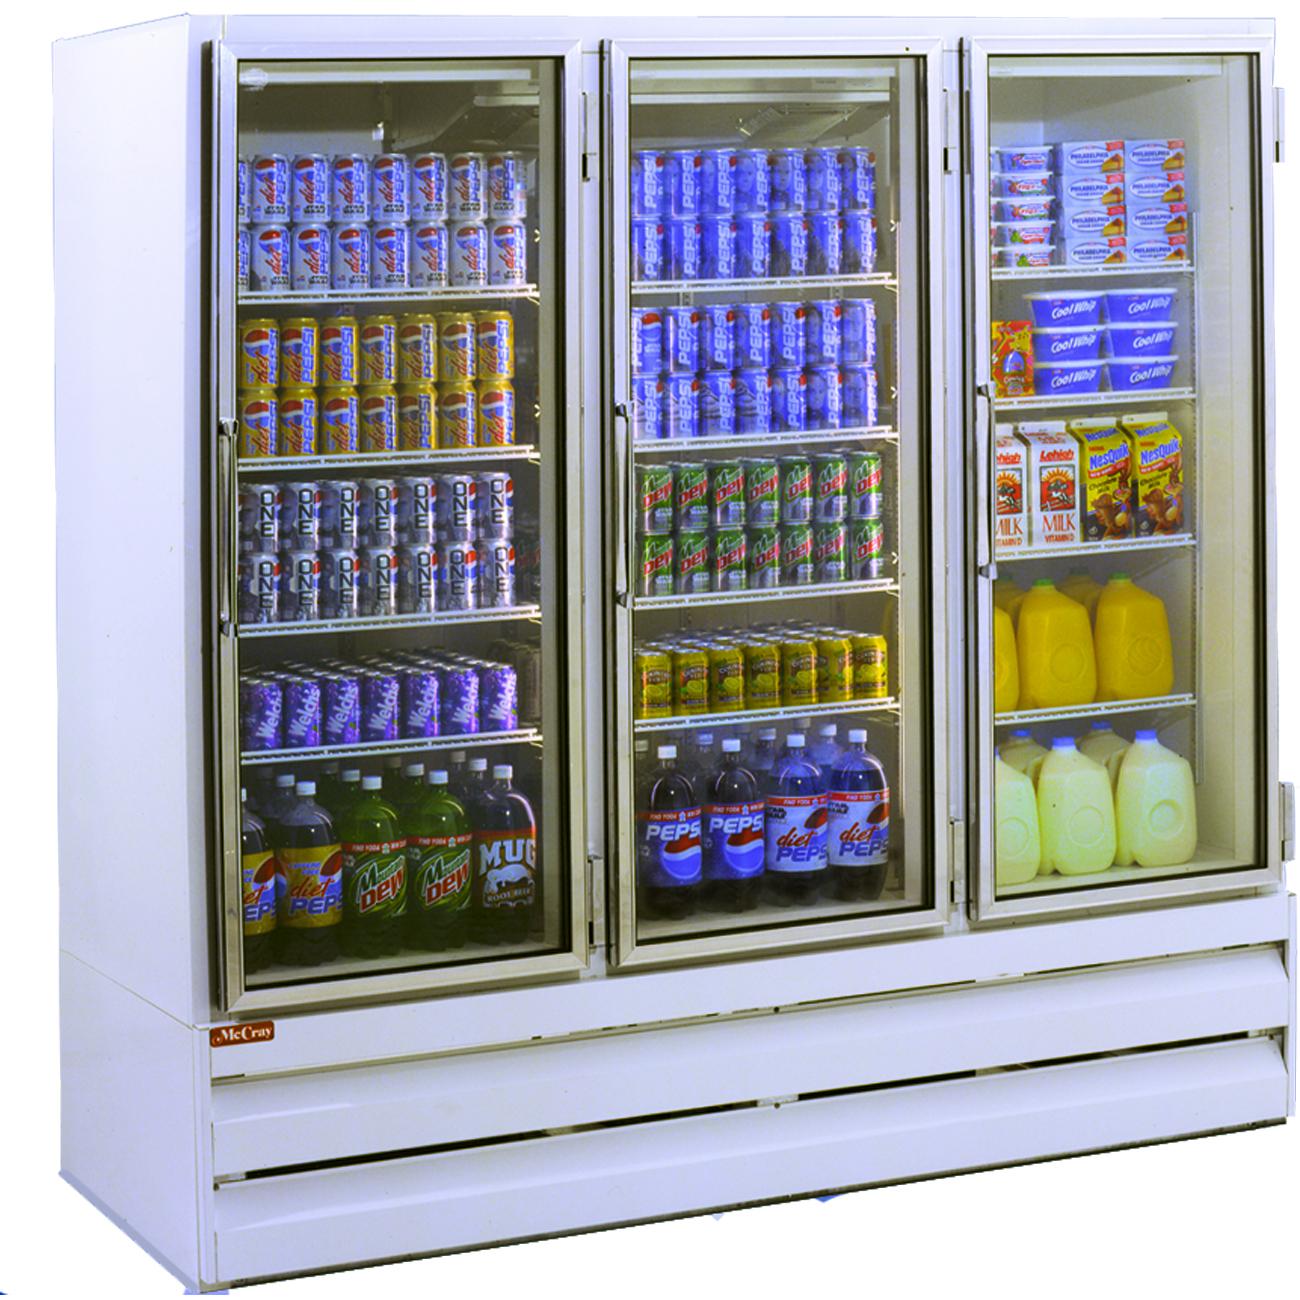 Howard-McCray GR75BM-B refrigerator, merchandiser